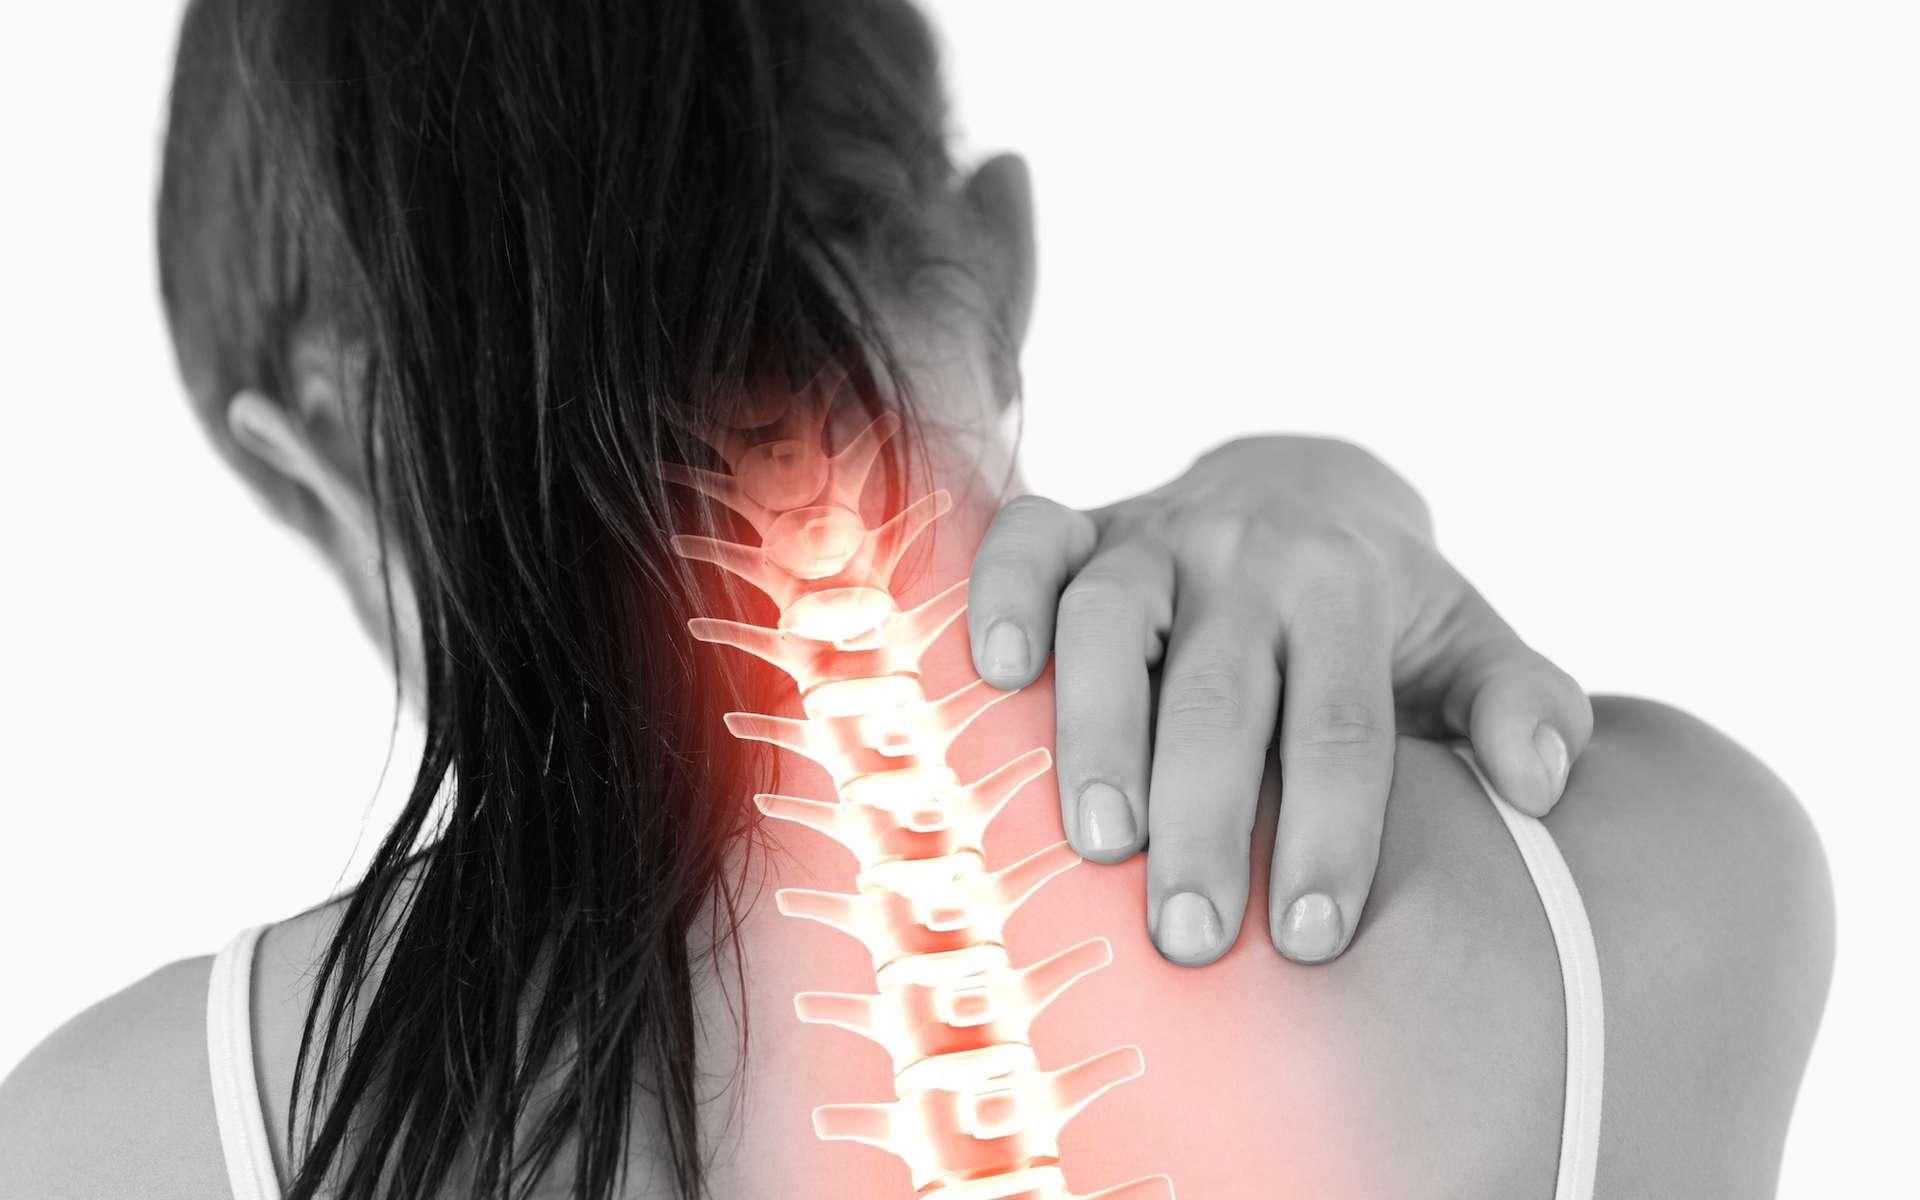 L'arthrose cervicale est une usure prématurée du cartilage des vertèbres du cou. © WavebreakMediaMicro, Adobe Stock